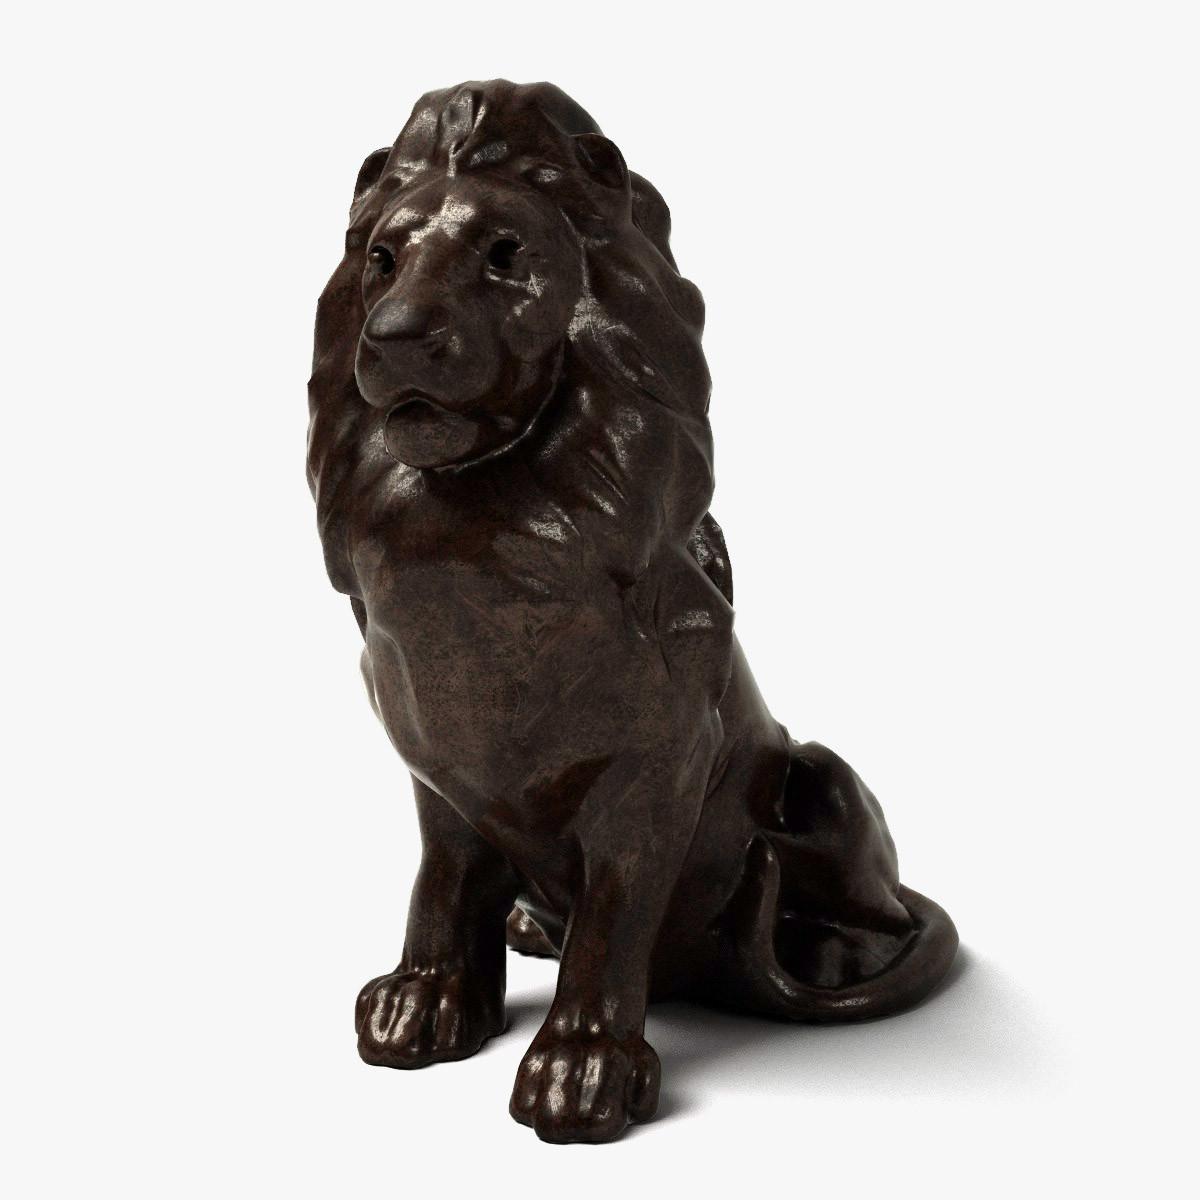 Bronze_Lion_Sculpture_1_Main.jpg